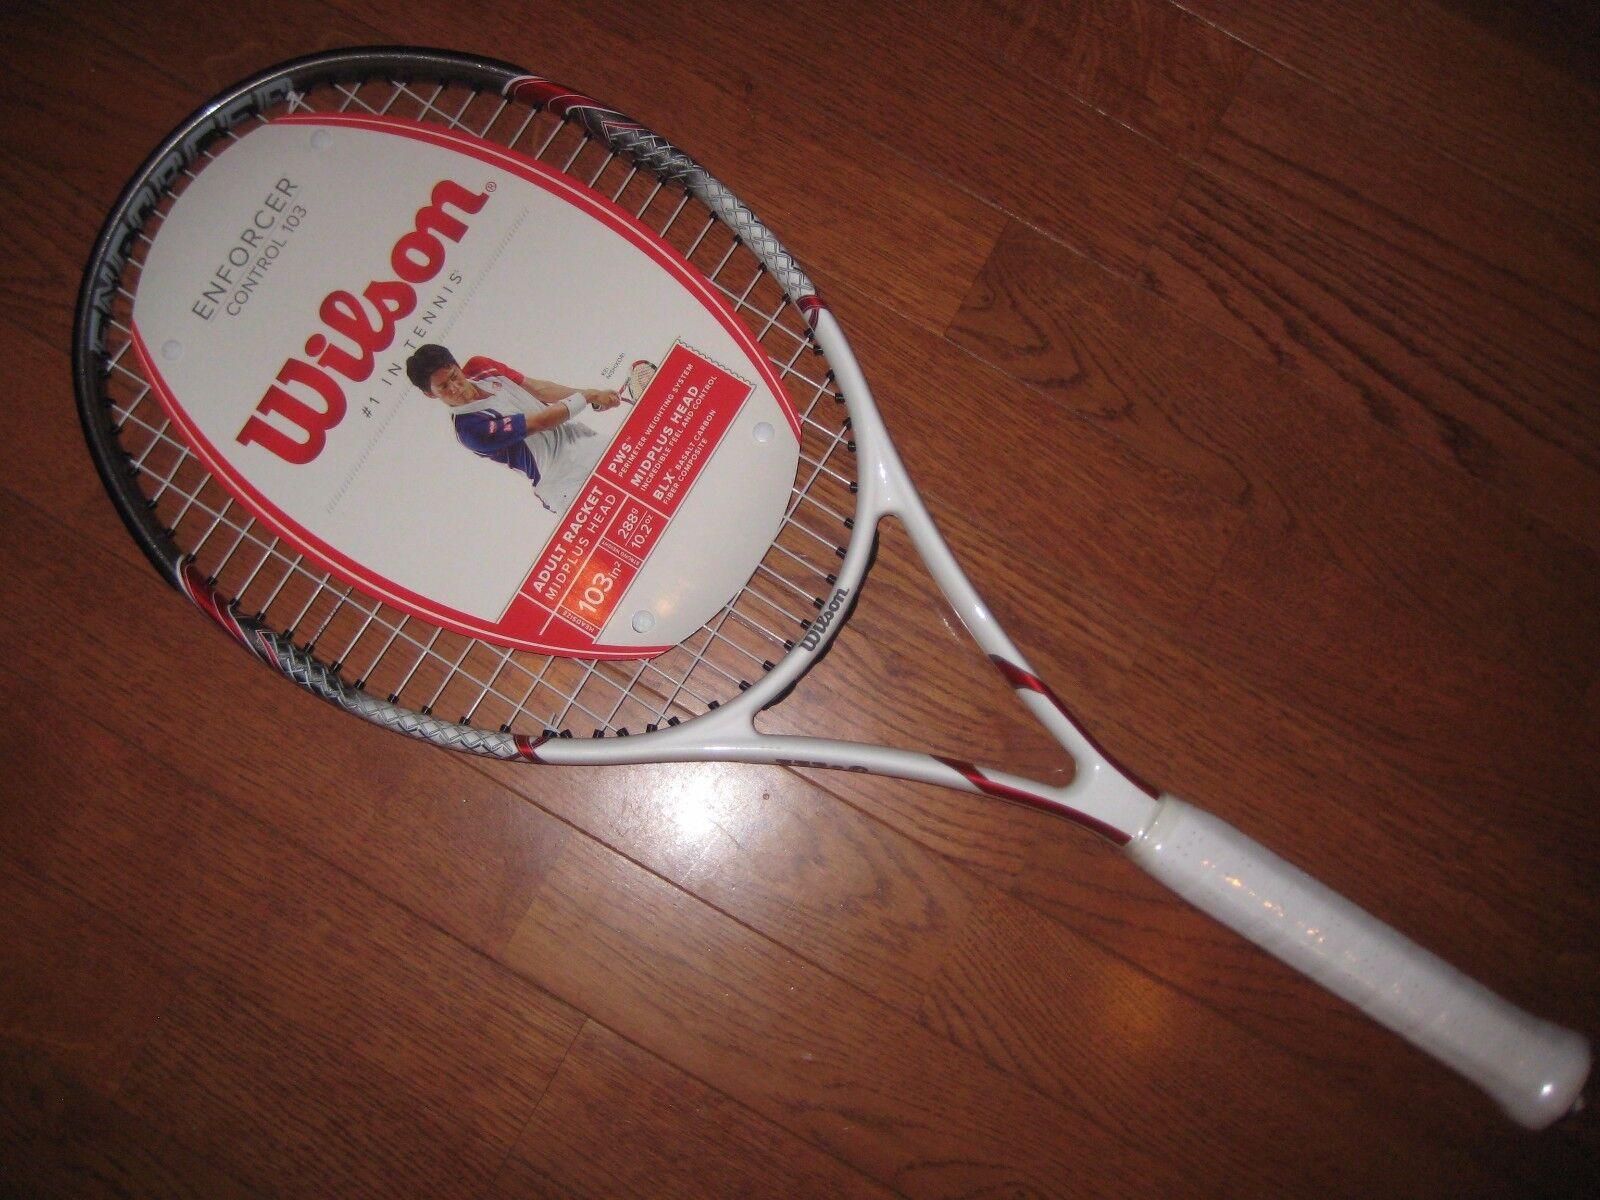 Wilson Enforcer Control 103 Tennis Racquet (Brand New )